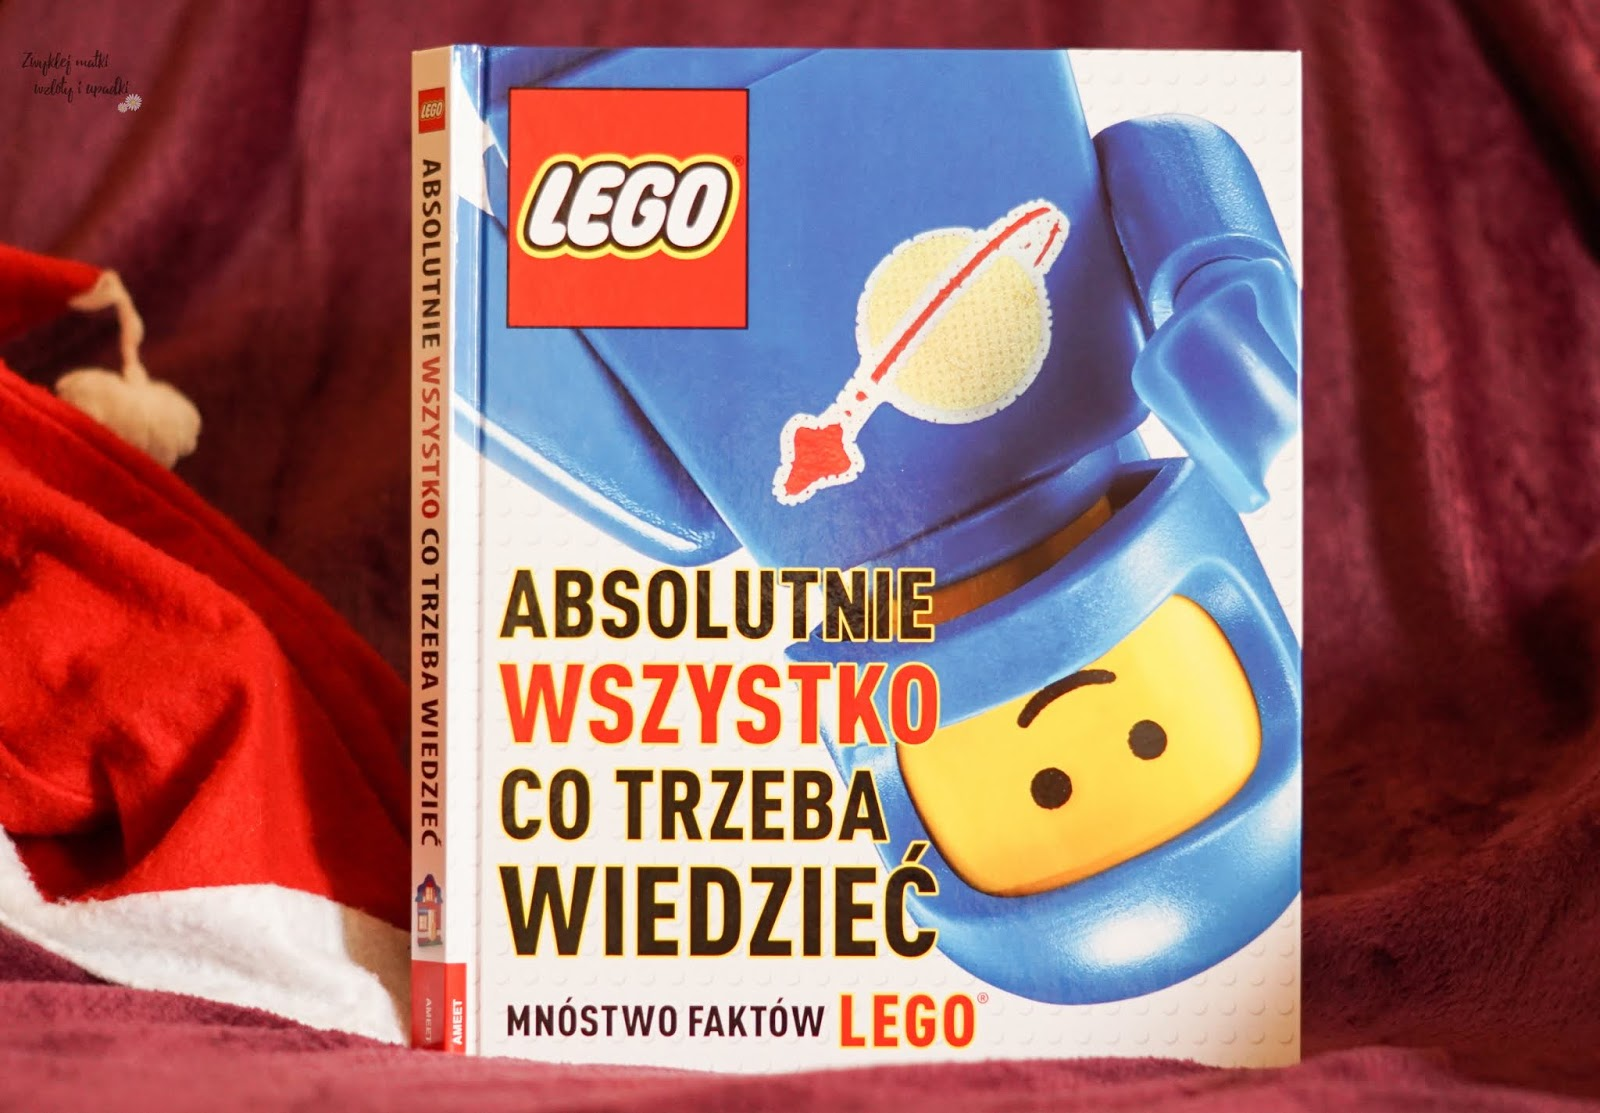 Pomysł na mikołajkowy prezent, czyli LEGO inaczej